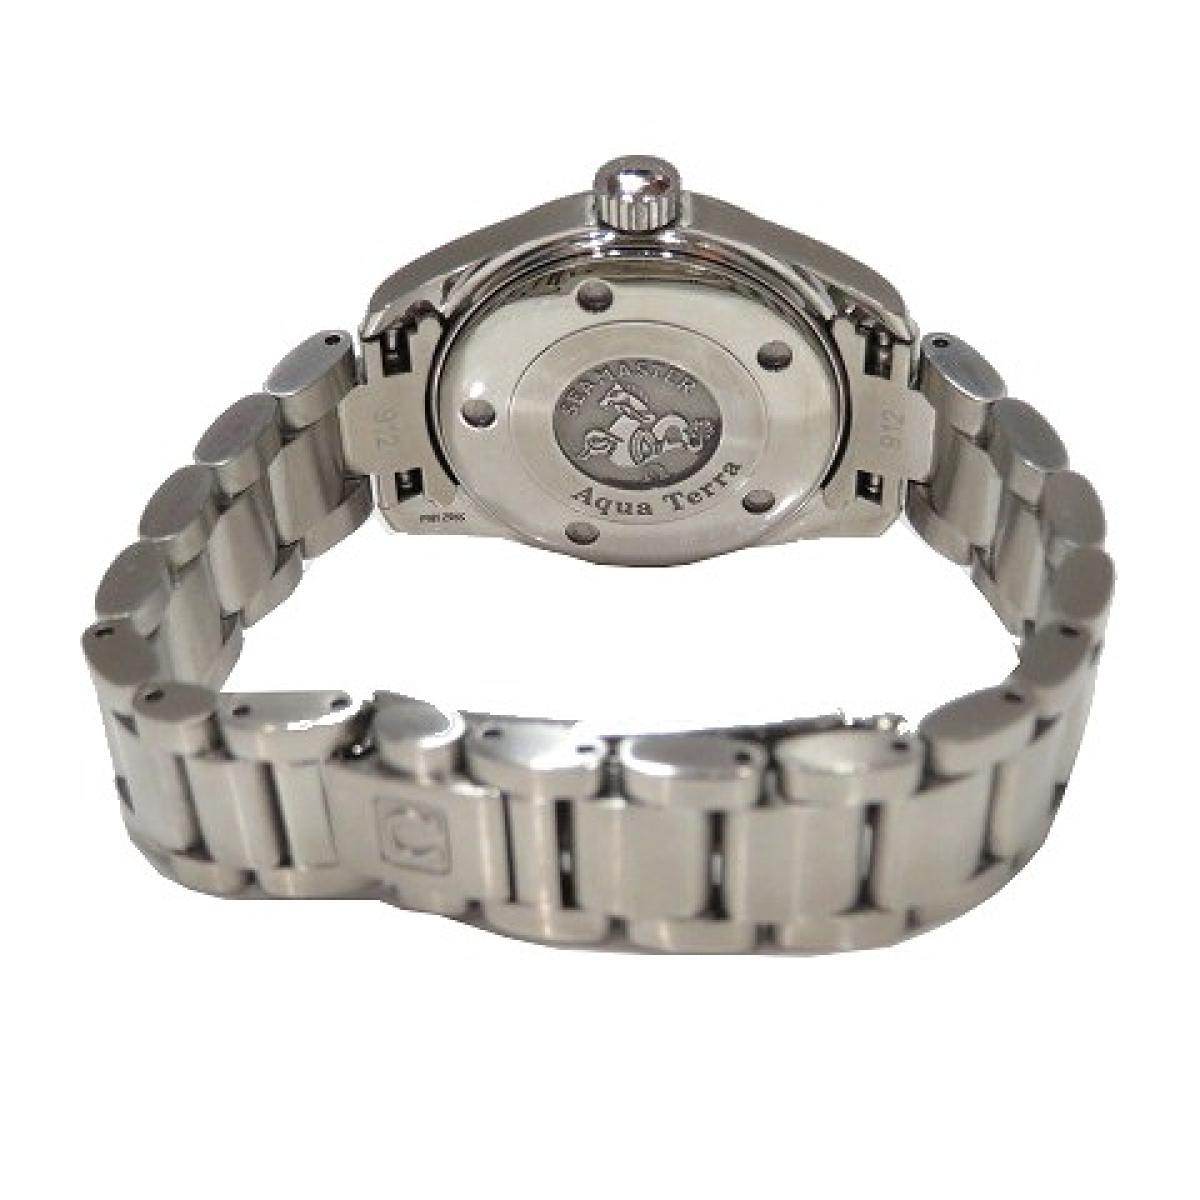 オメガ シーマスター アクアテラ ウォッチ 腕時計 時計 レディース ステンレススチールSS2577 50OMEGA BRANDOFF ブランドオフ ブランド ブランド時計 ブランド腕時計xerdBWCo